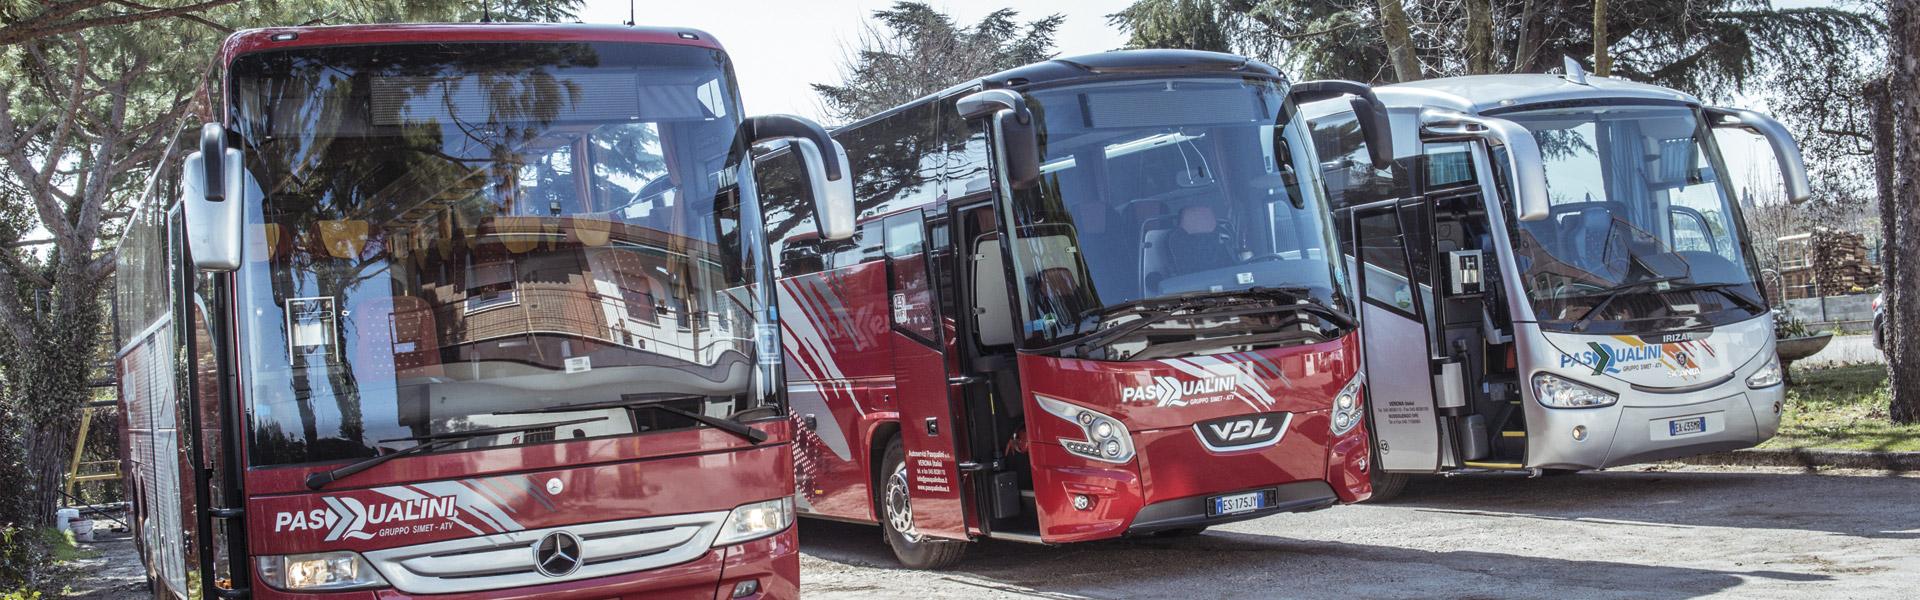 pasqualini bus - autoparco 3